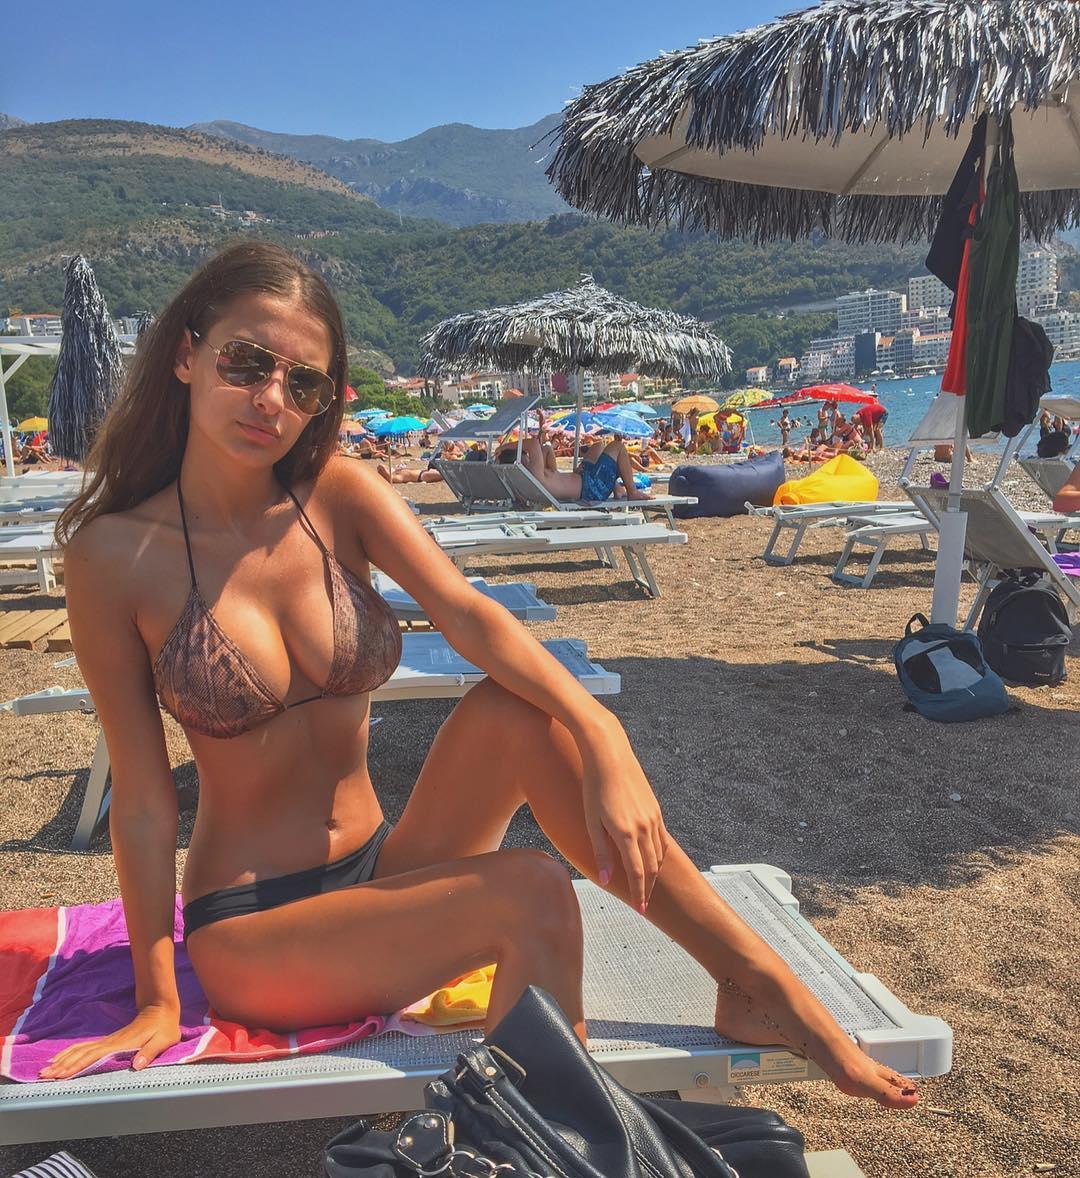 femme nue du 30 montre ses gros seins